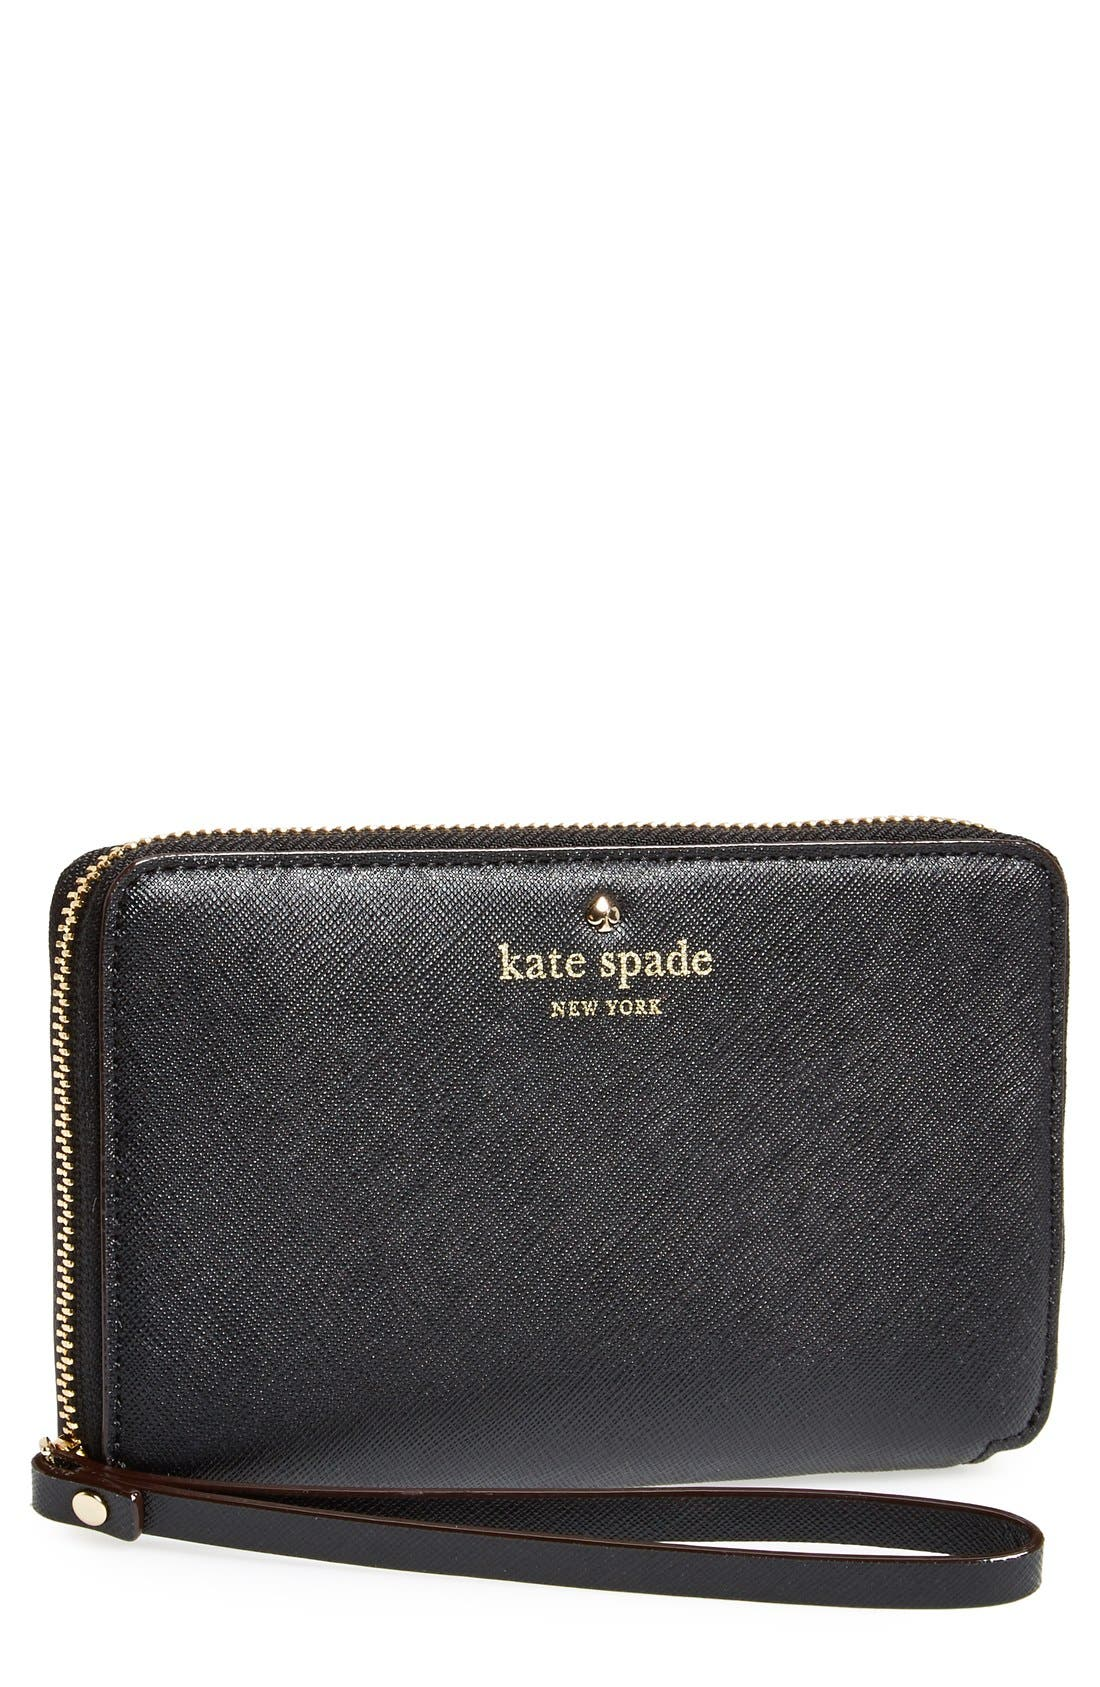 Alternate Image 1 Selected - kate spade new york 'cedar street - laurie' zip around phone wallet